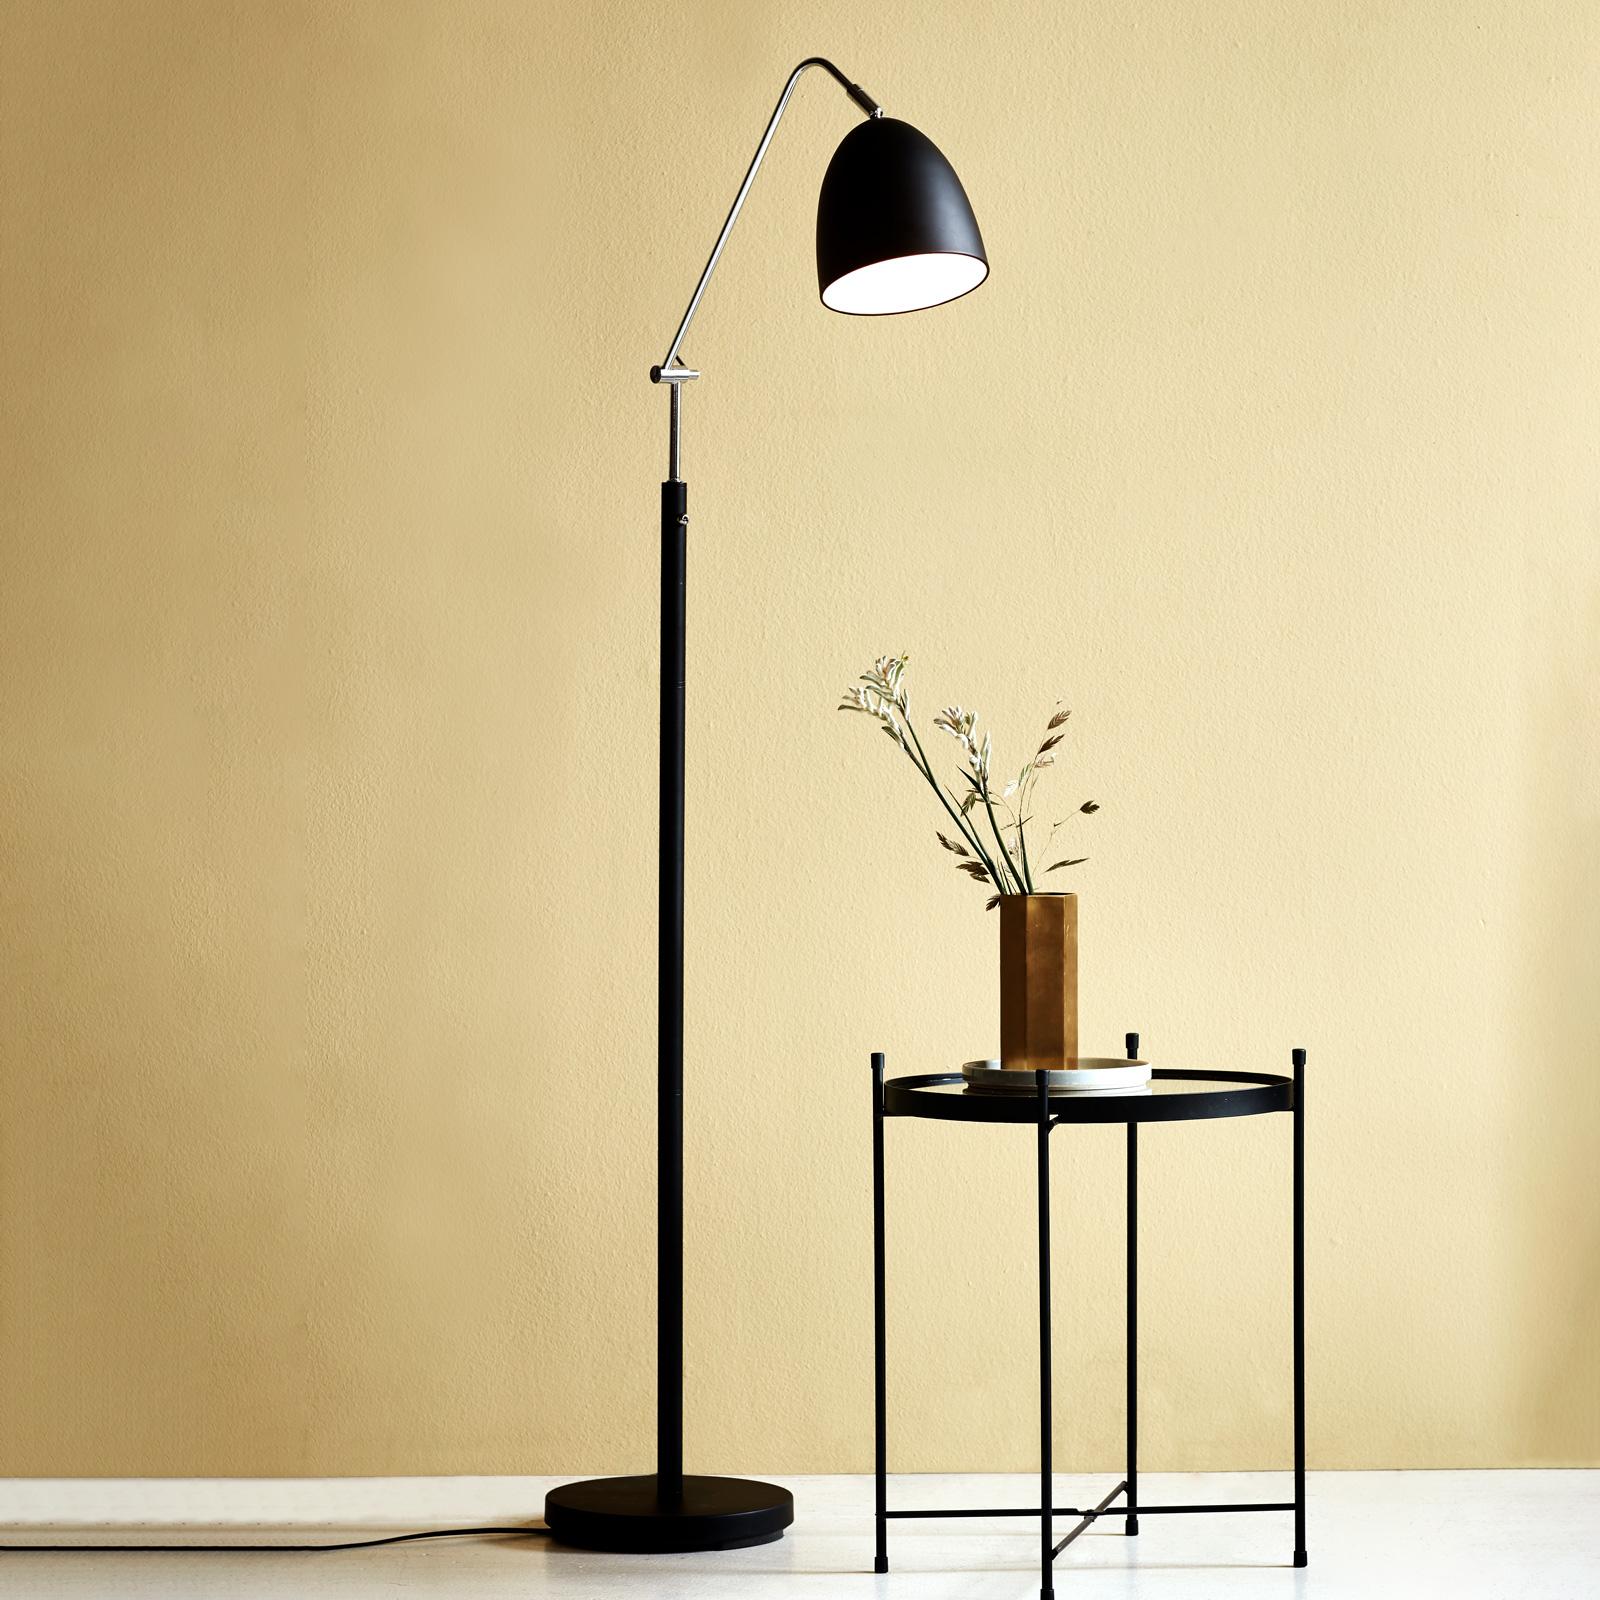 Vloerlamp Alexander in delicate vorm, zwart